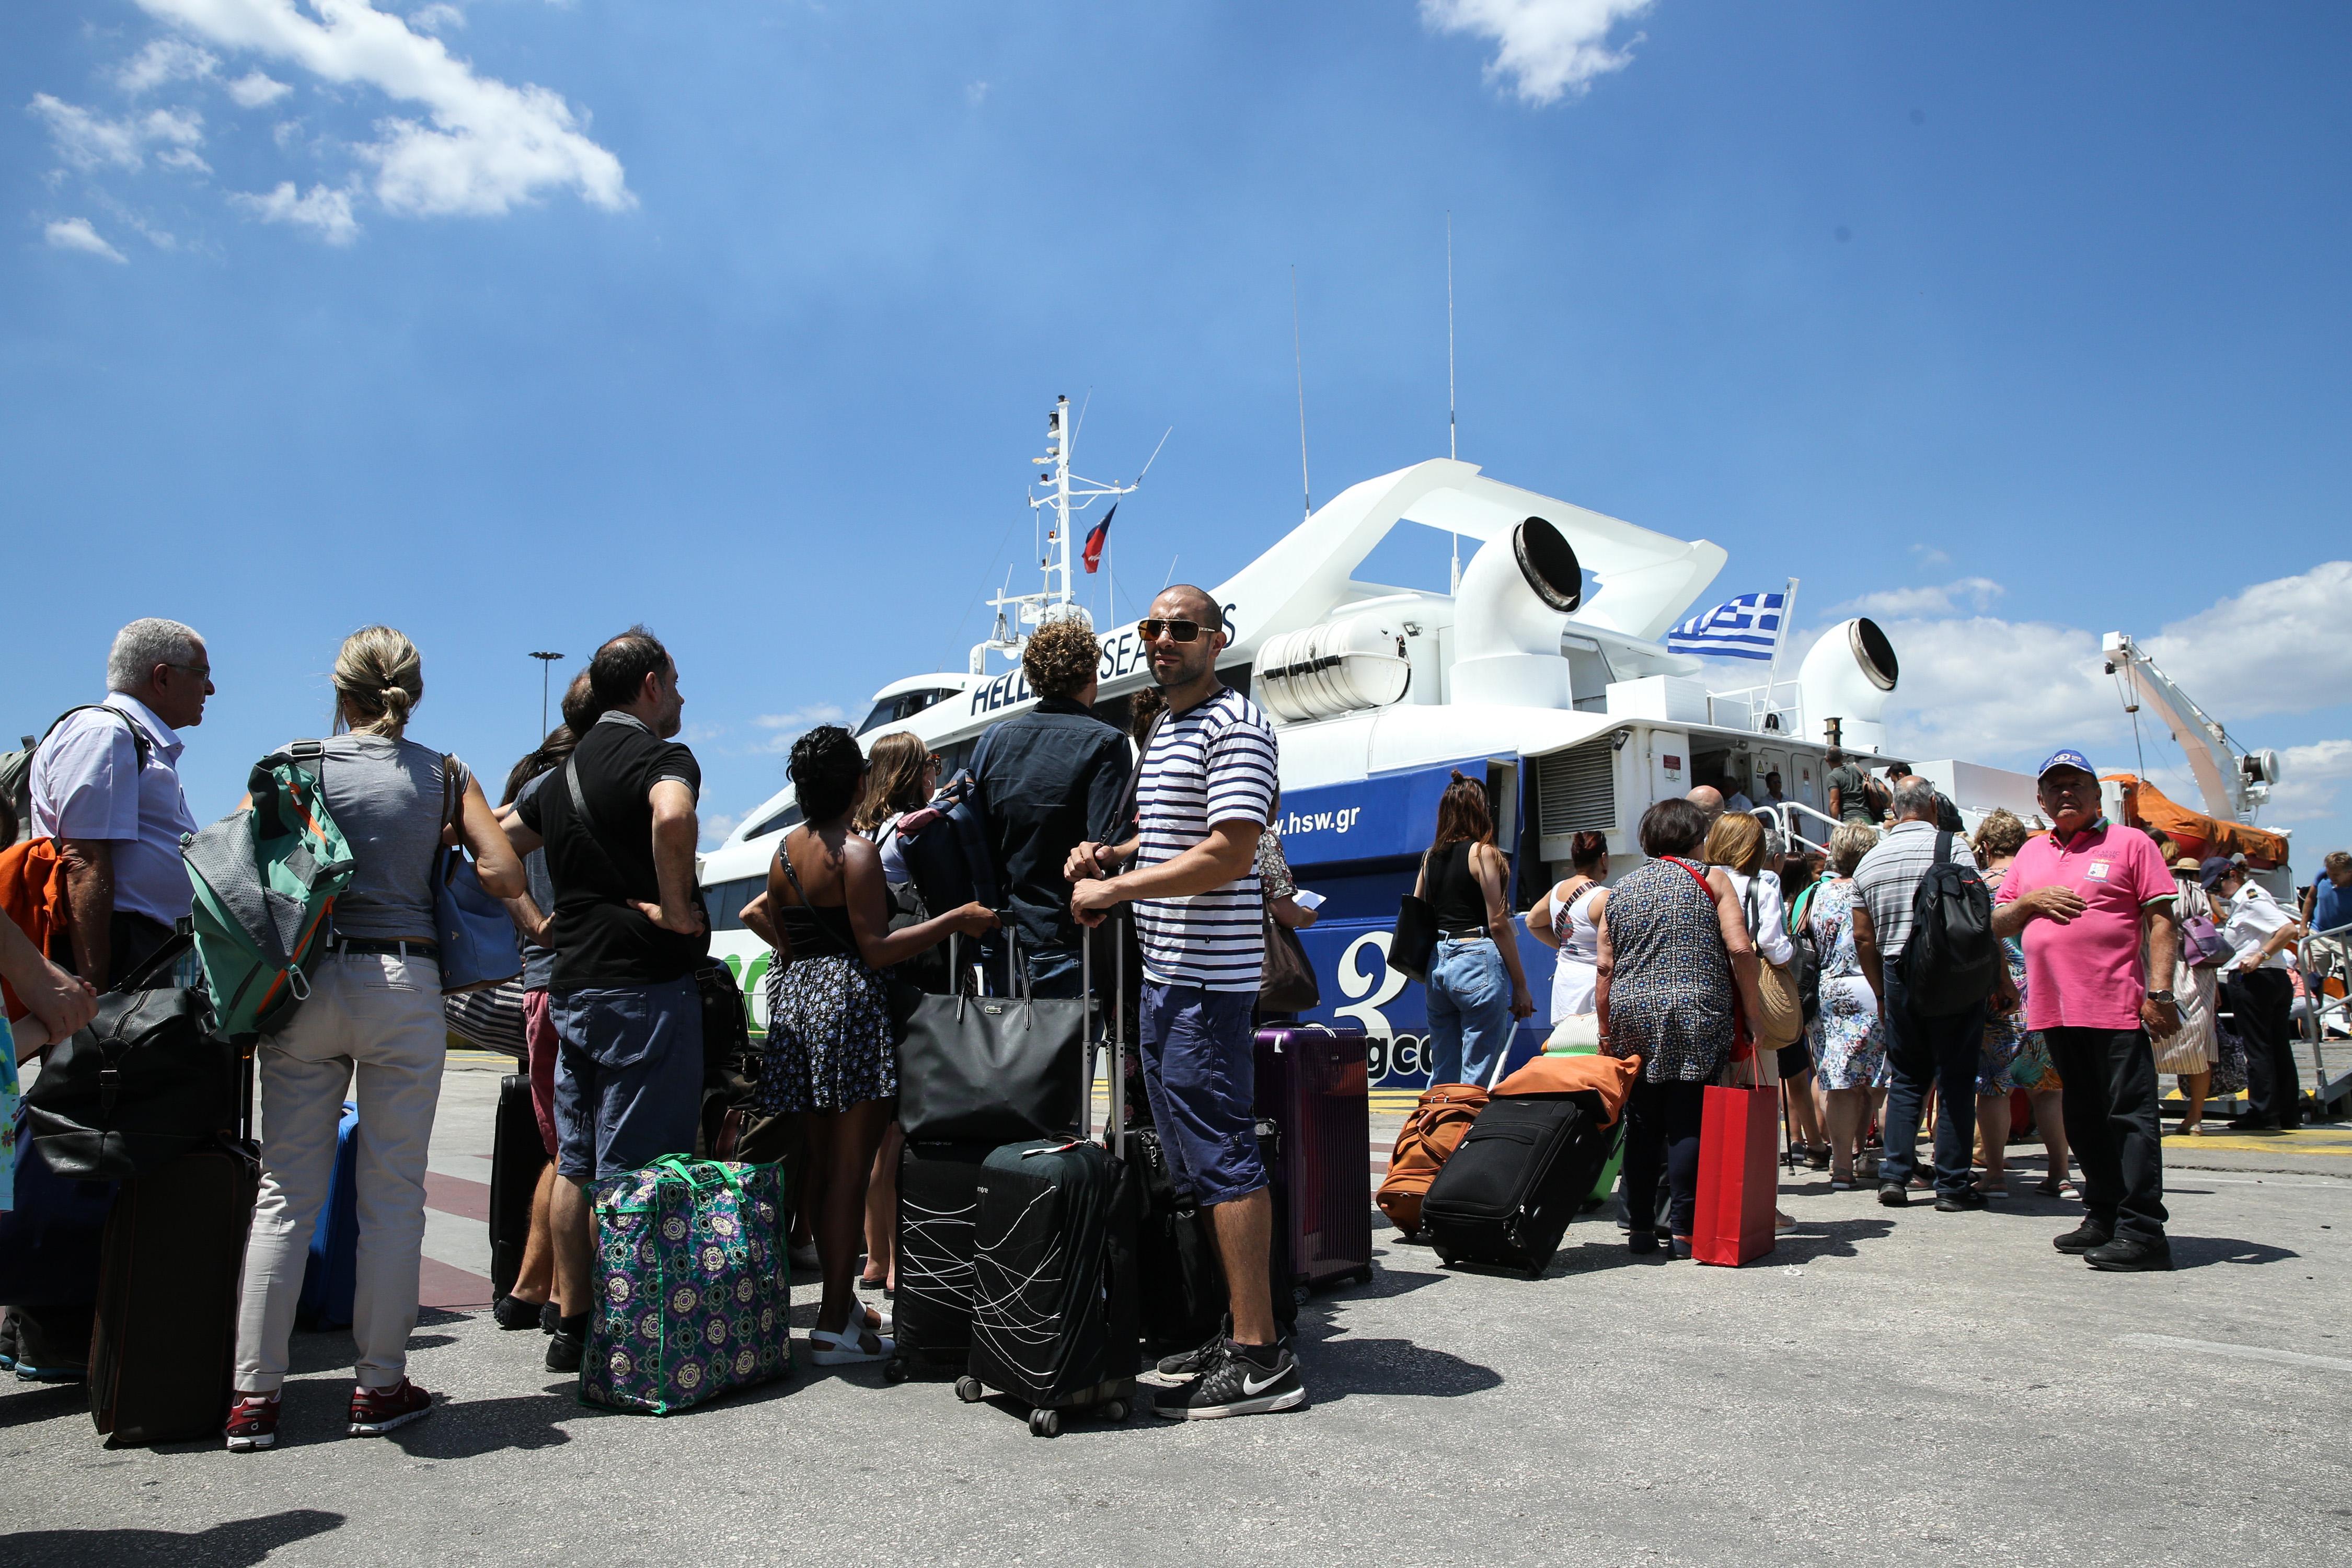 Αλμα 16% των εσόδων από τον τουρισμό τον Ιούνιο | tovima.gr